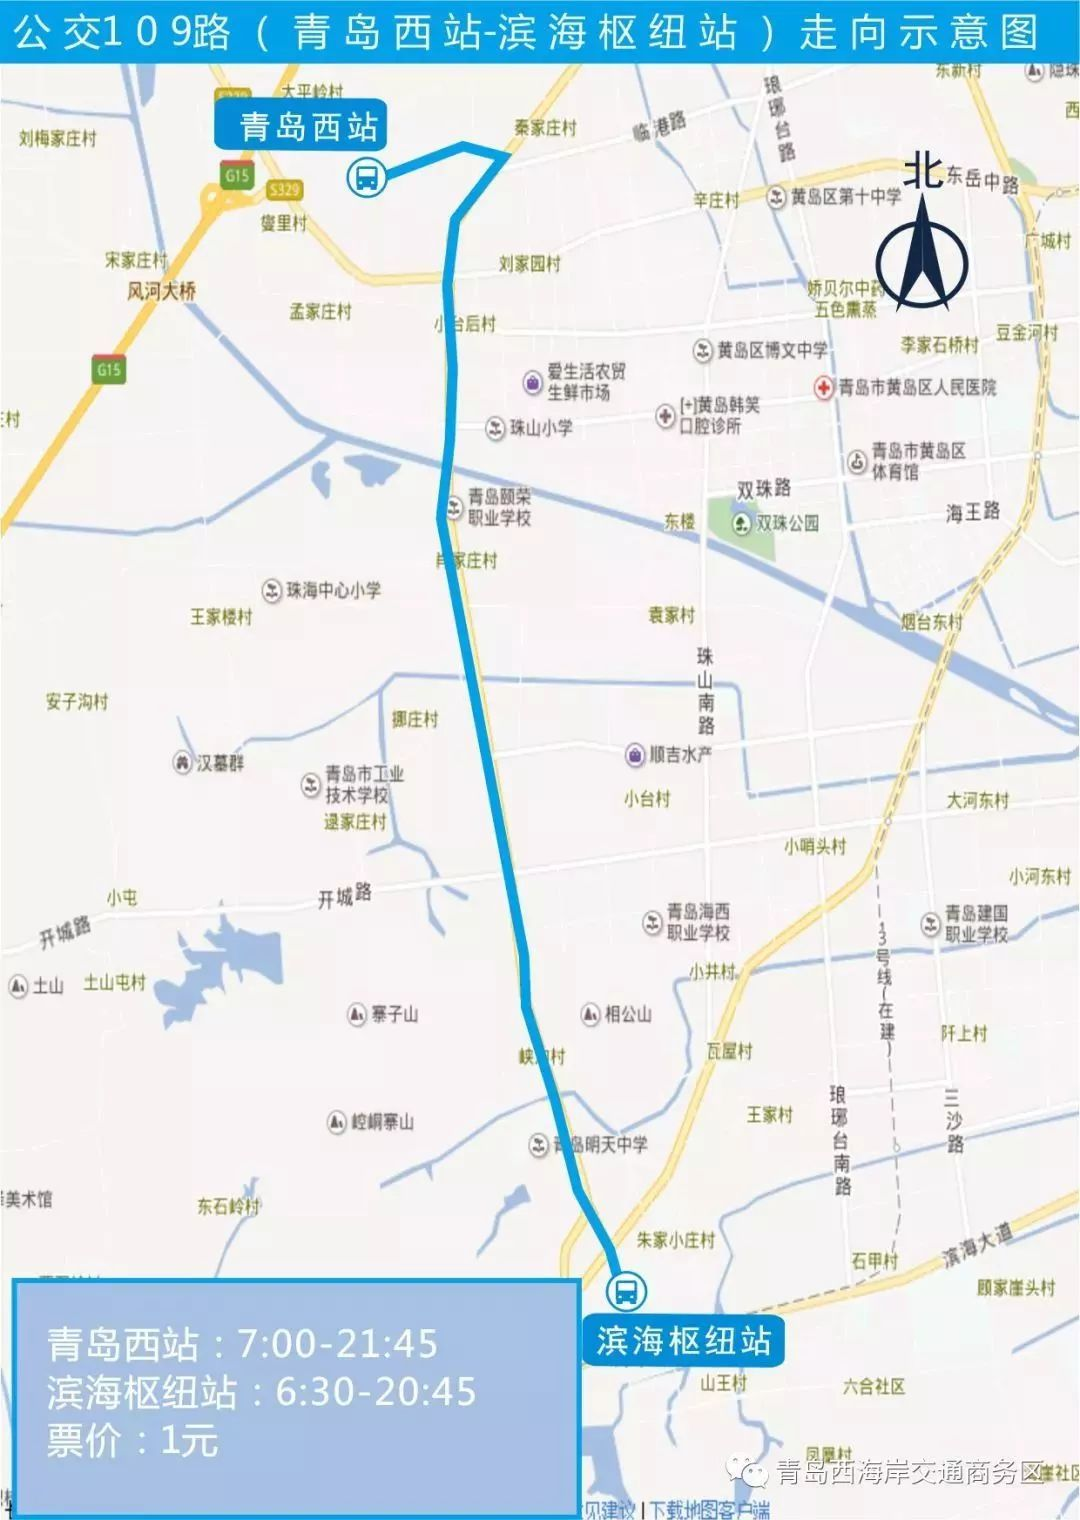 4月10日实行新列车运行图!泰州部分车次有变动